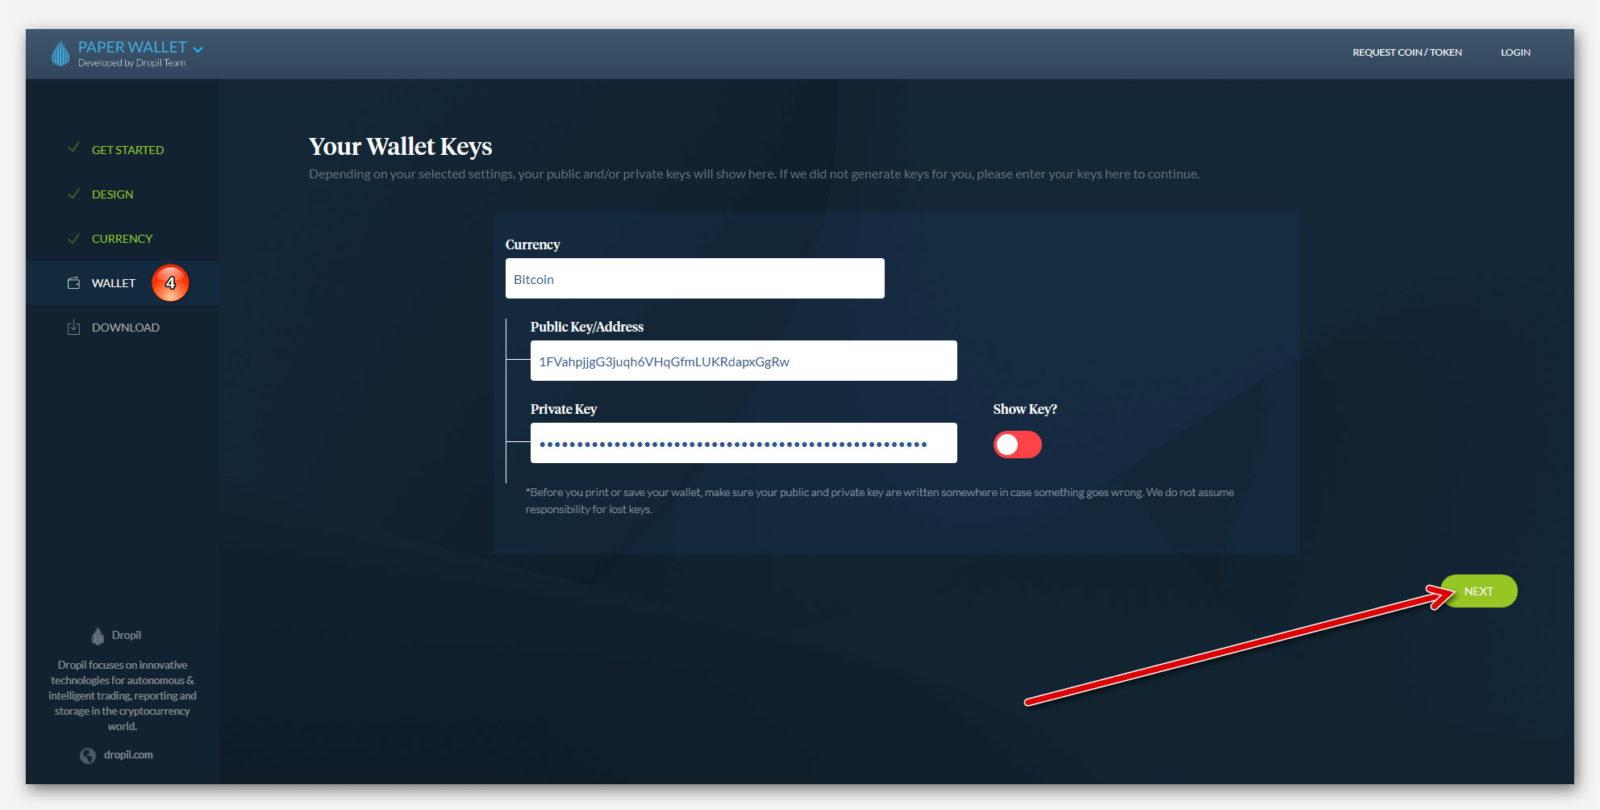 Публичный адрес бумажного криптовалютного кошелька с приватным ключом в Paper Wallet, от компании Dropil